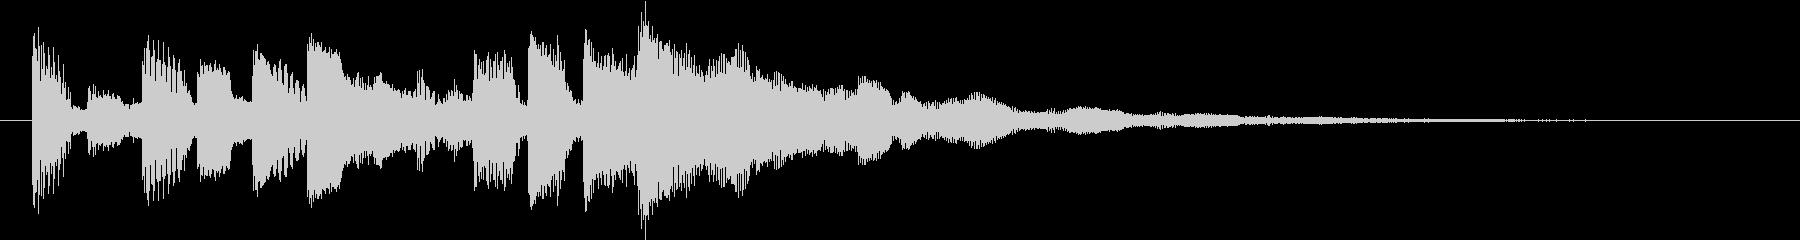 オープニングに最適なロゴ・ジングルの未再生の波形